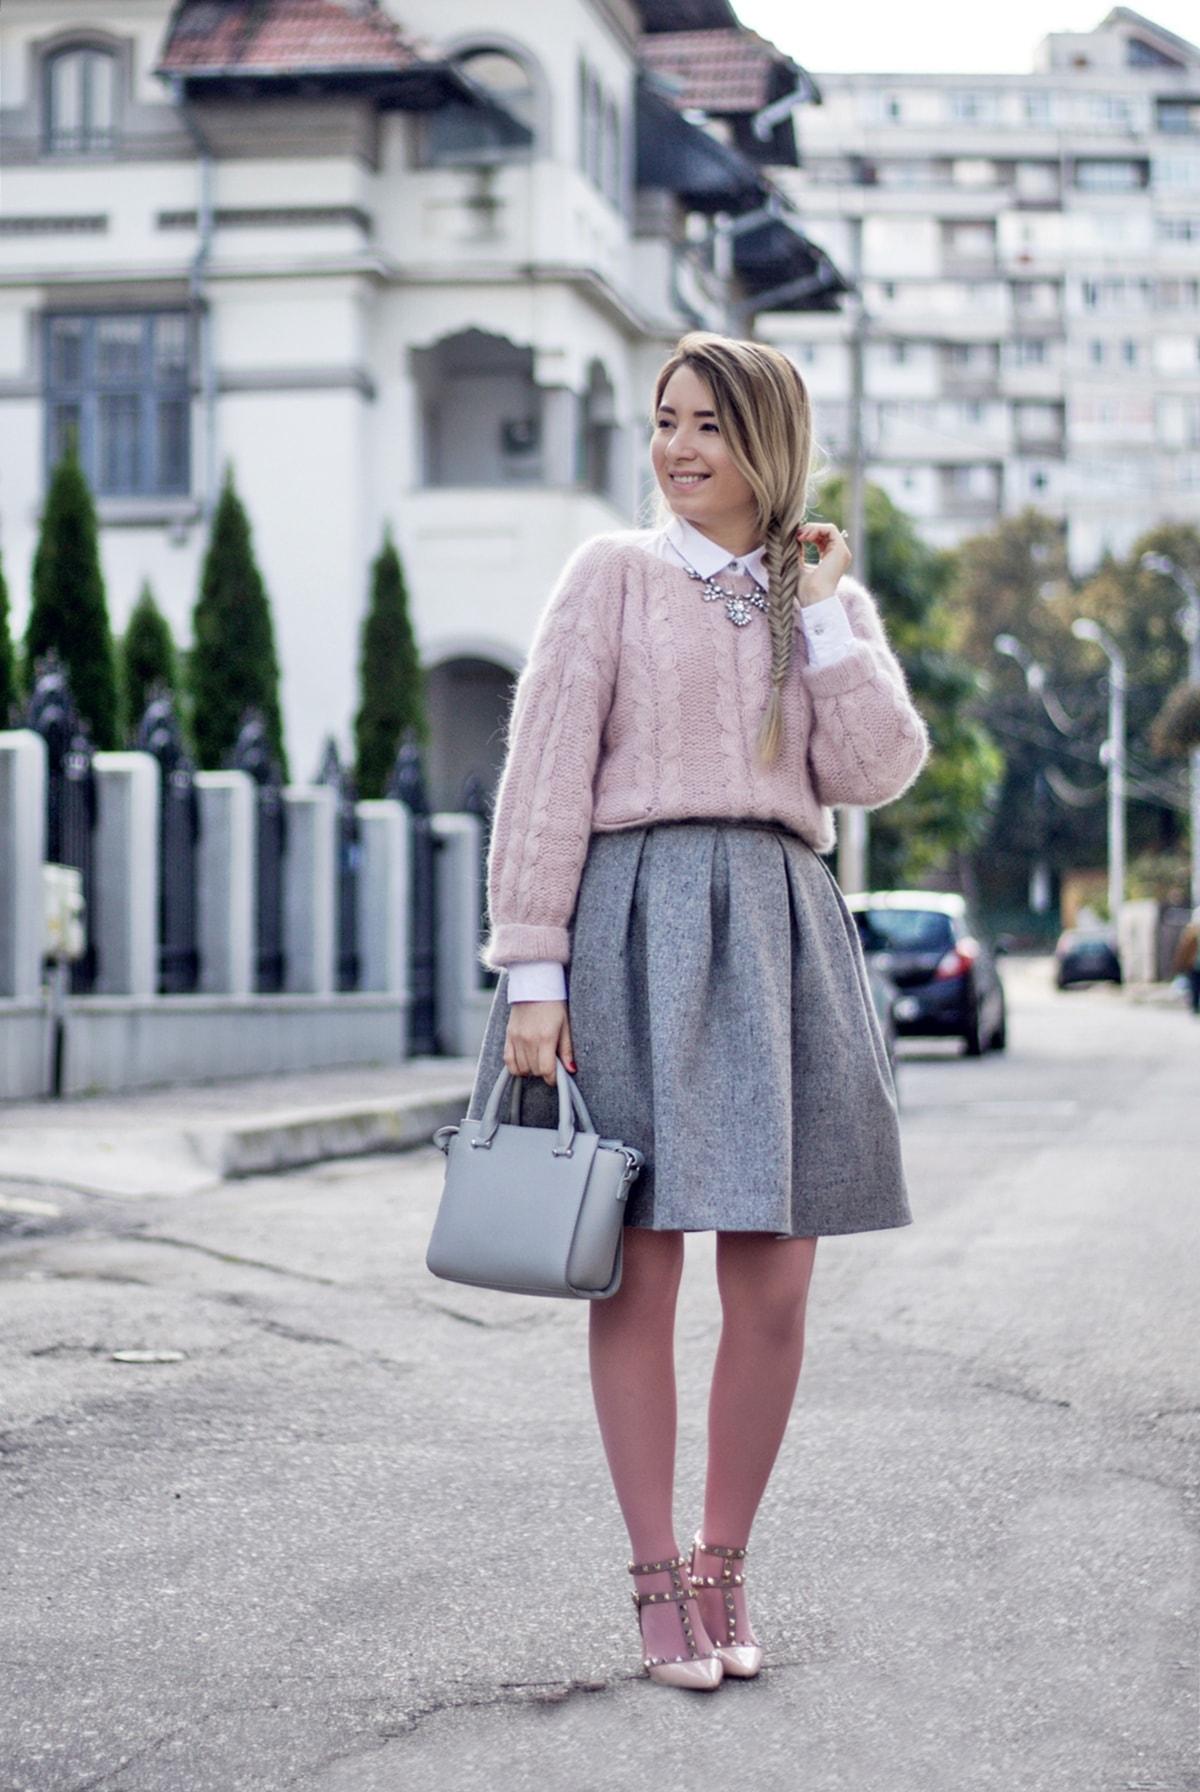 Andreea Ristea - culori pastelate toamna, fusta cu pliuri gri, andreea design